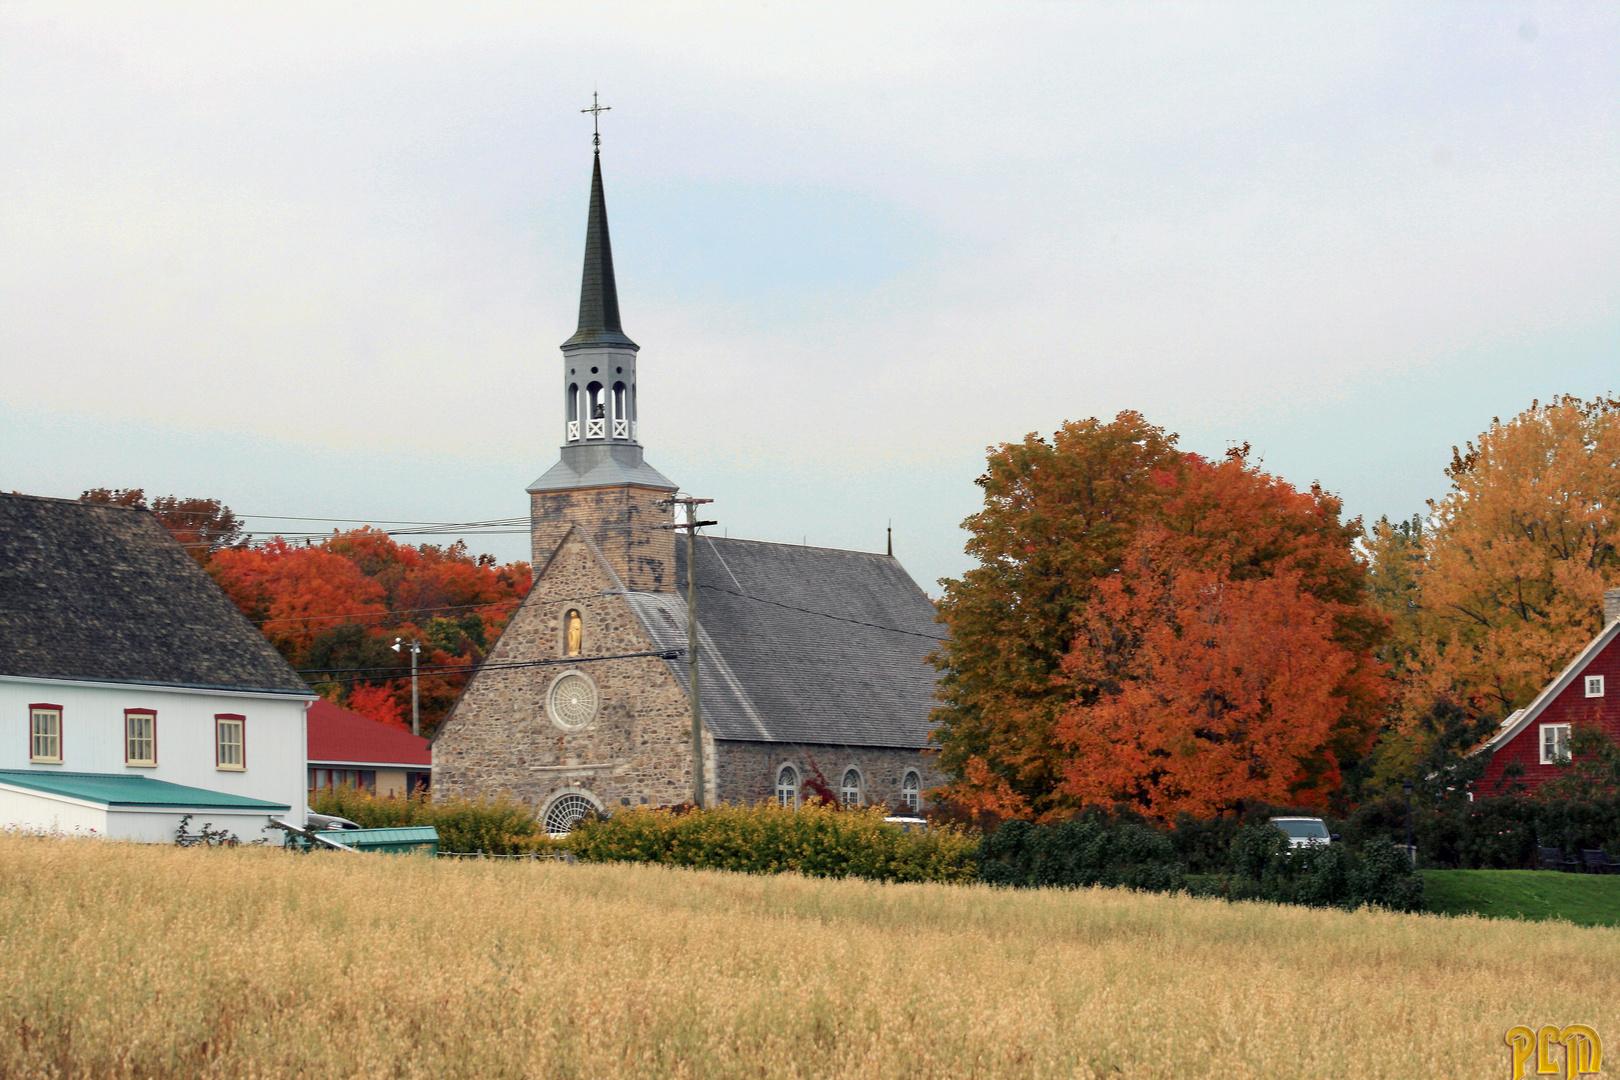 L'automne à l'Ile d'Orléans - Québec oct. 2009